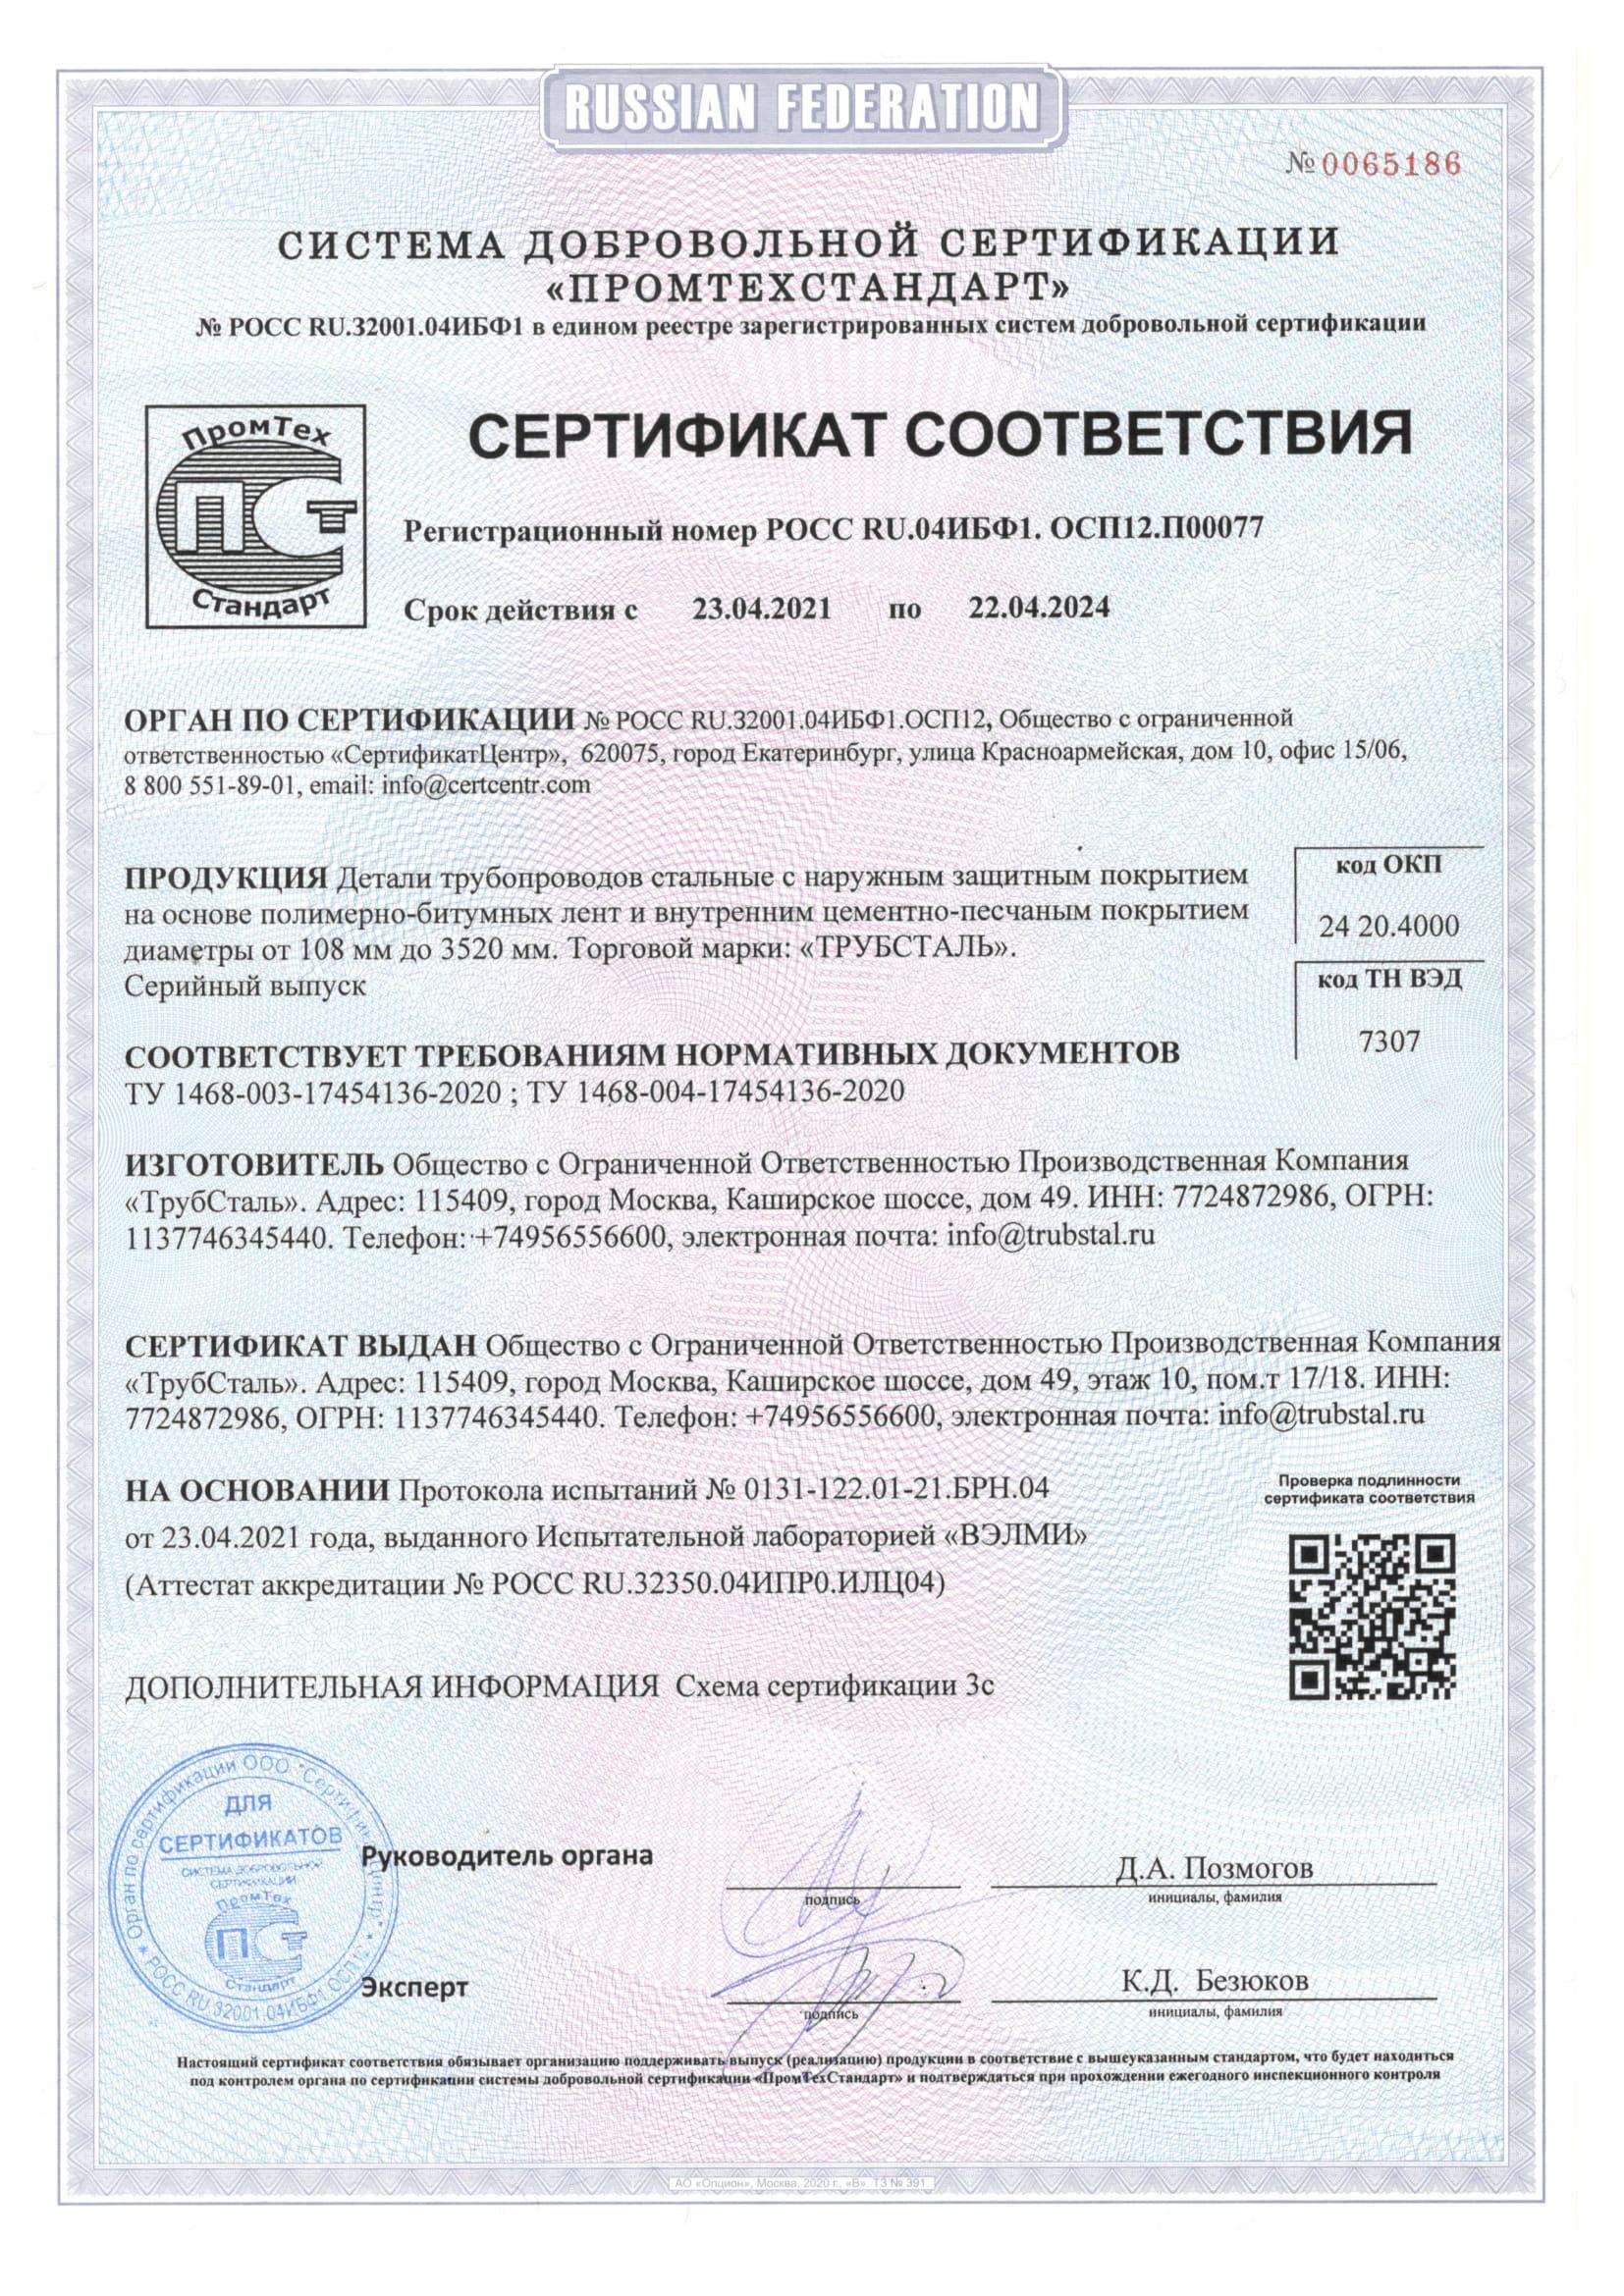 Сертификат соответствия на тройники стальные — завод деталей трубопровода ТрубСталь